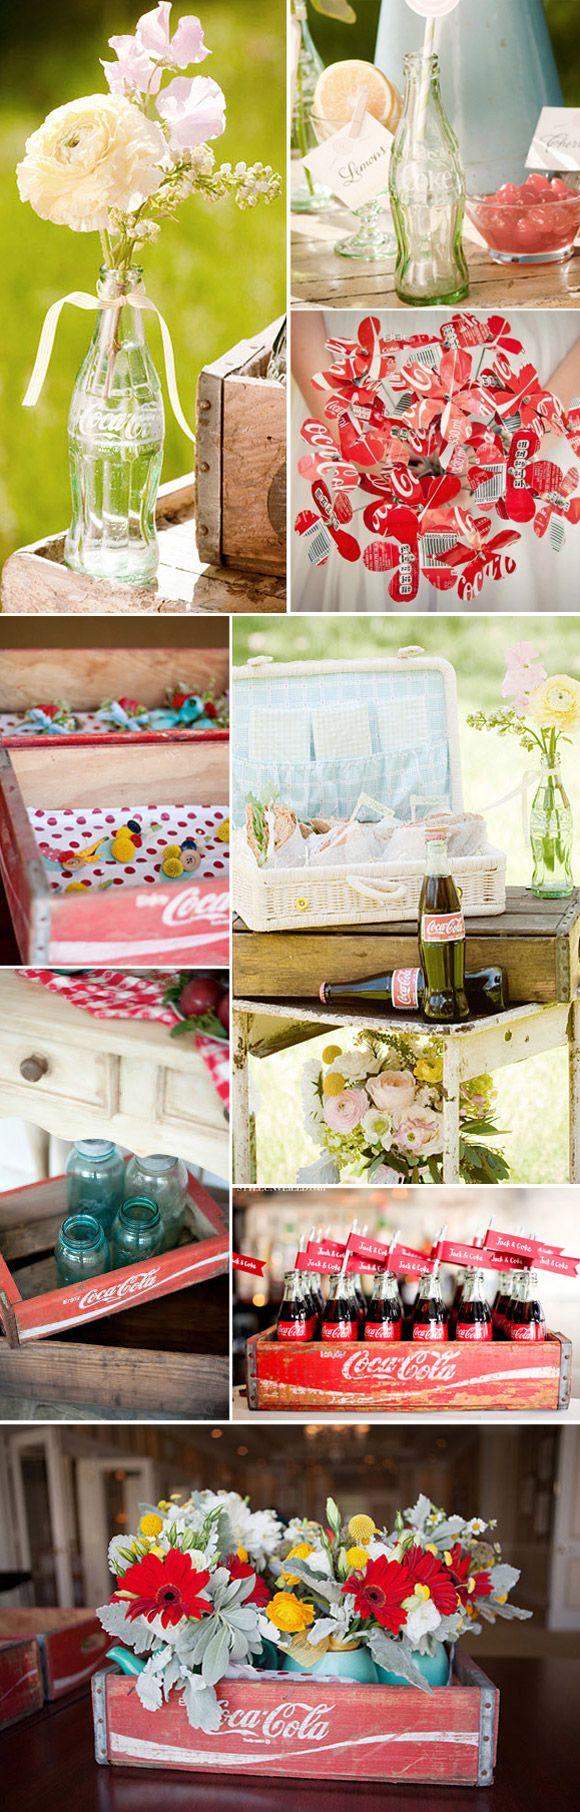 Decoraci n vintage para bodas con cajas y botellas de coca - Decoracion de botellas ...